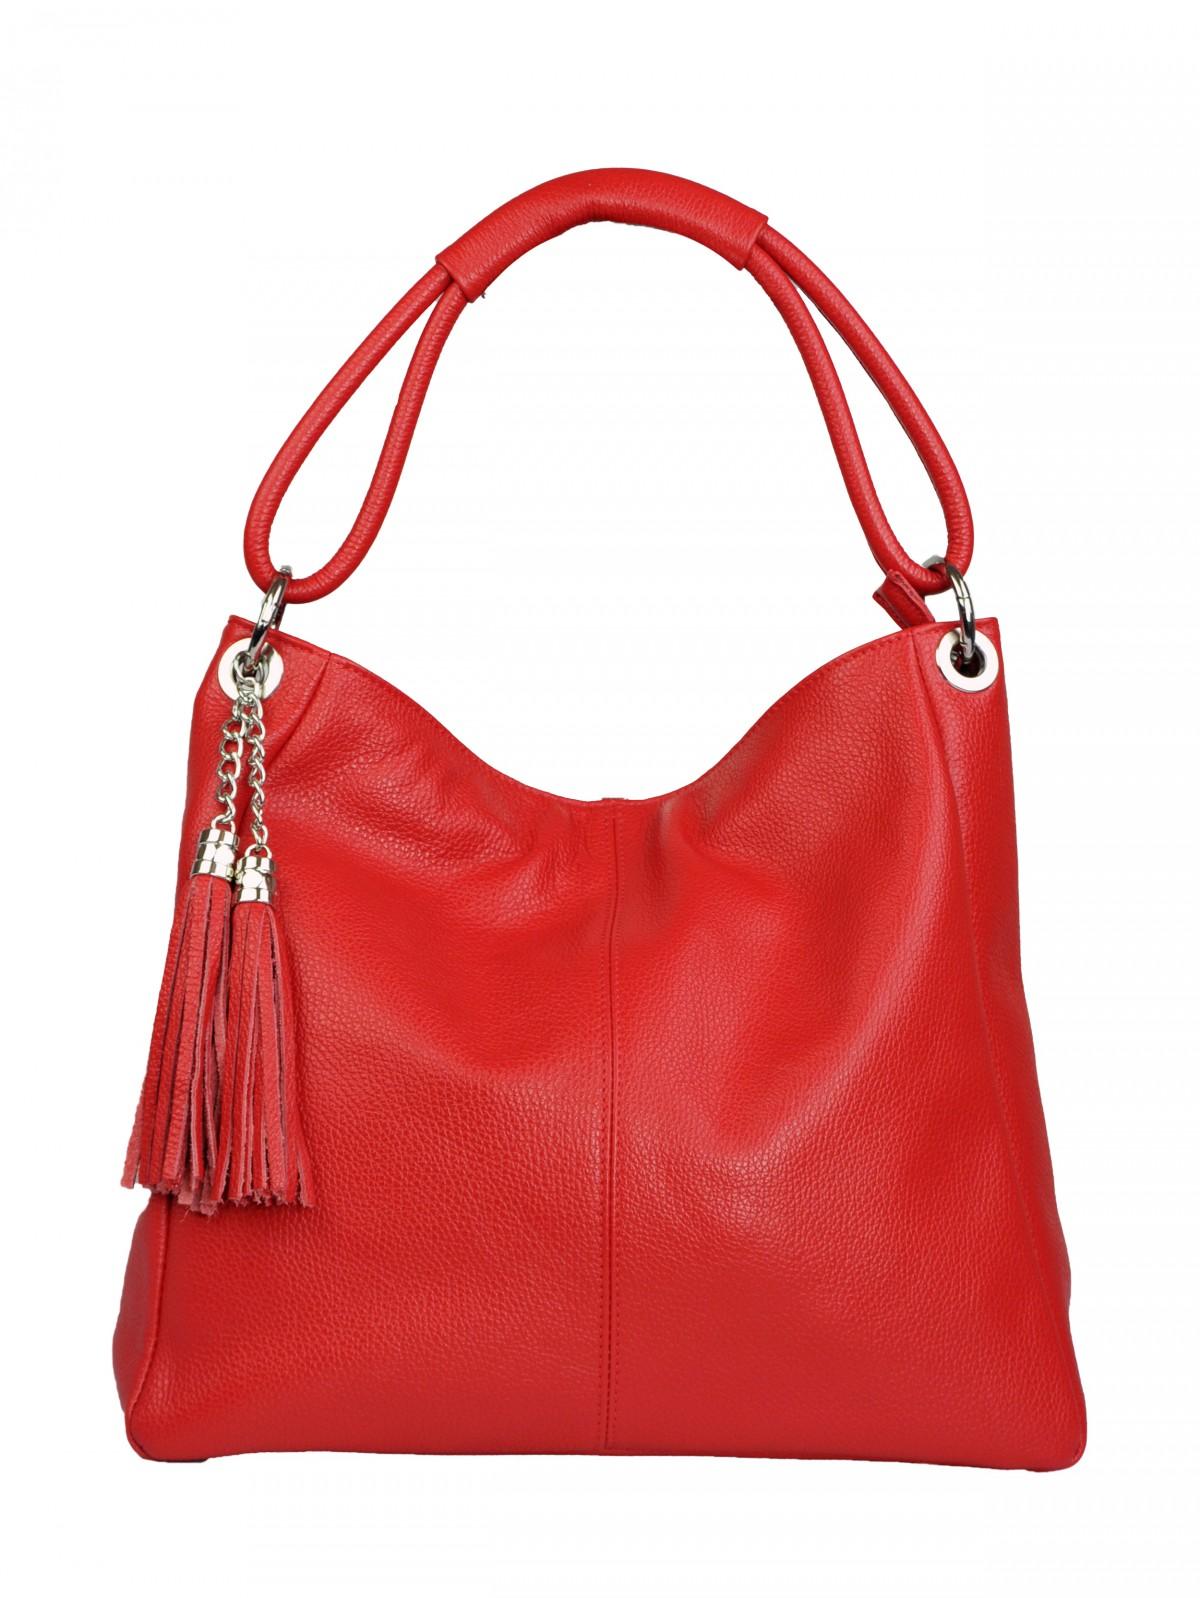 Dámská kožená kabelka Alessandra - Červená